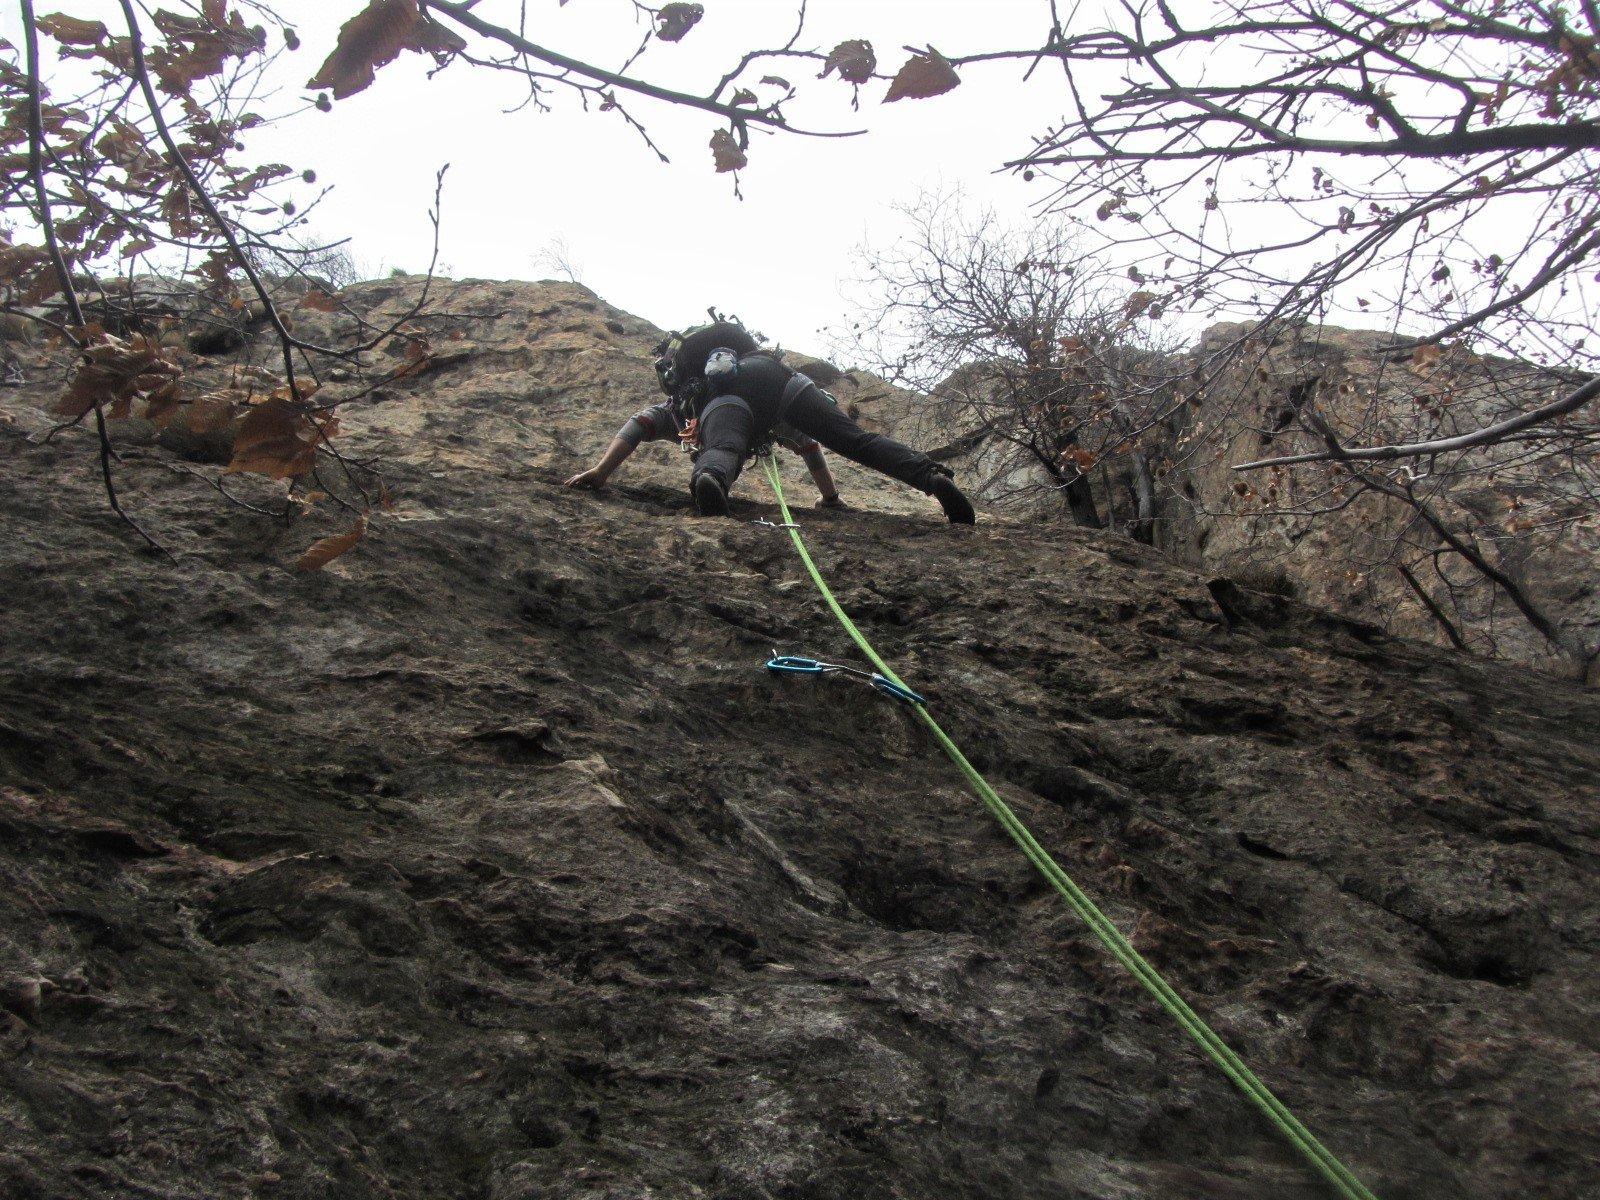 Coudrey (Monte) Via dei Conigli 2018-04-15